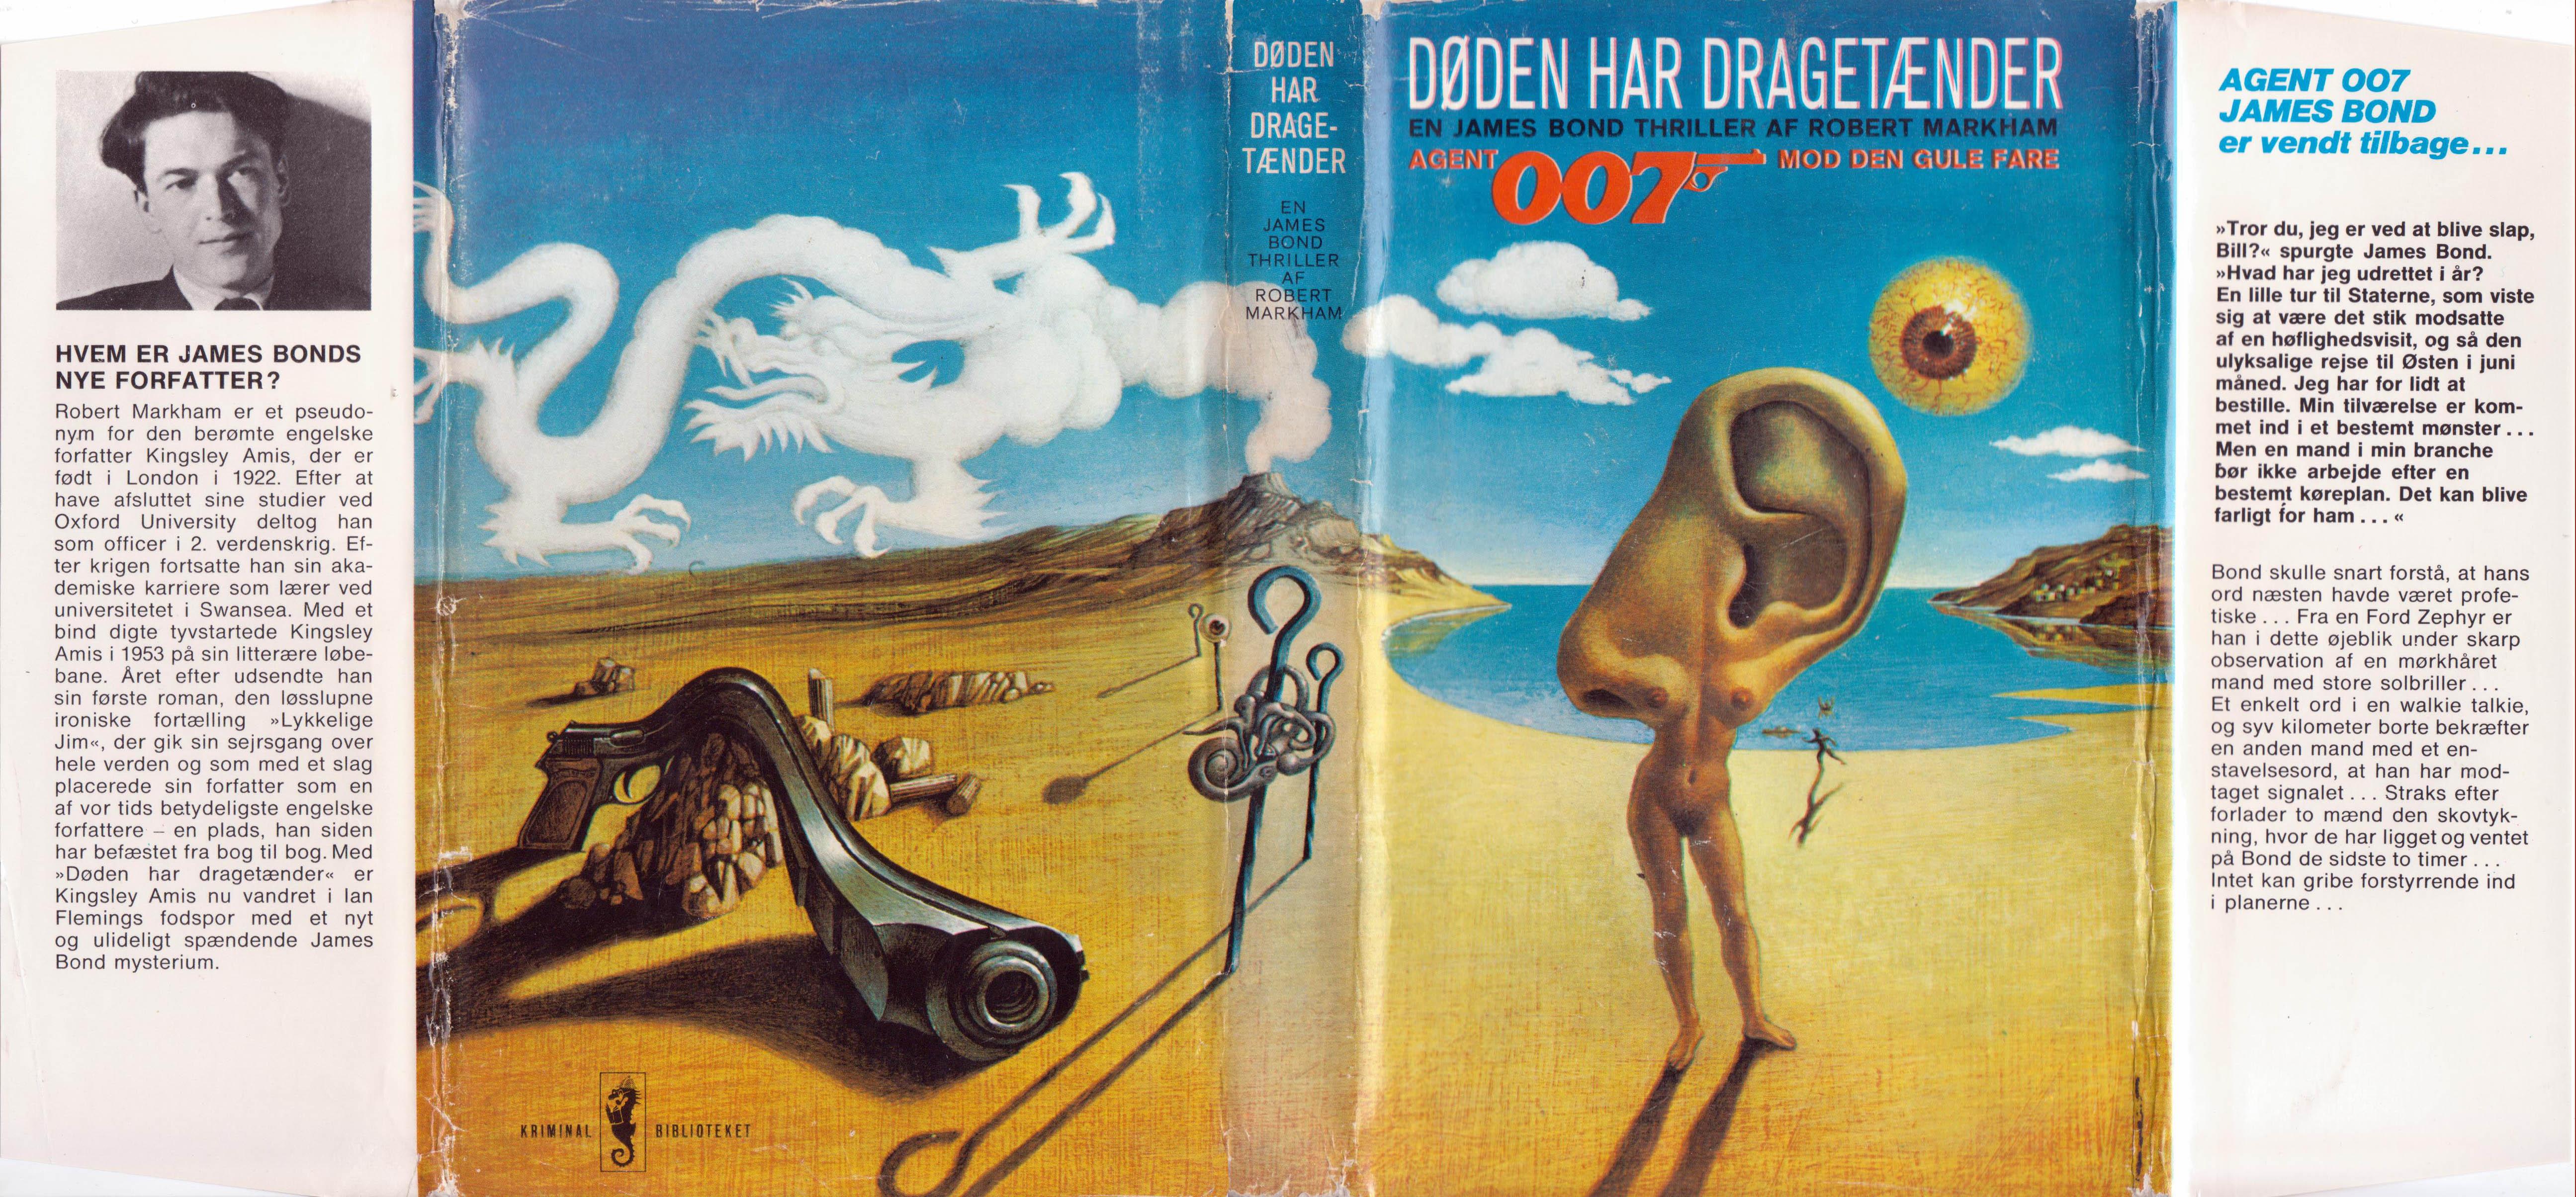 Dansk smudsomslag - illustration: Tom Adams